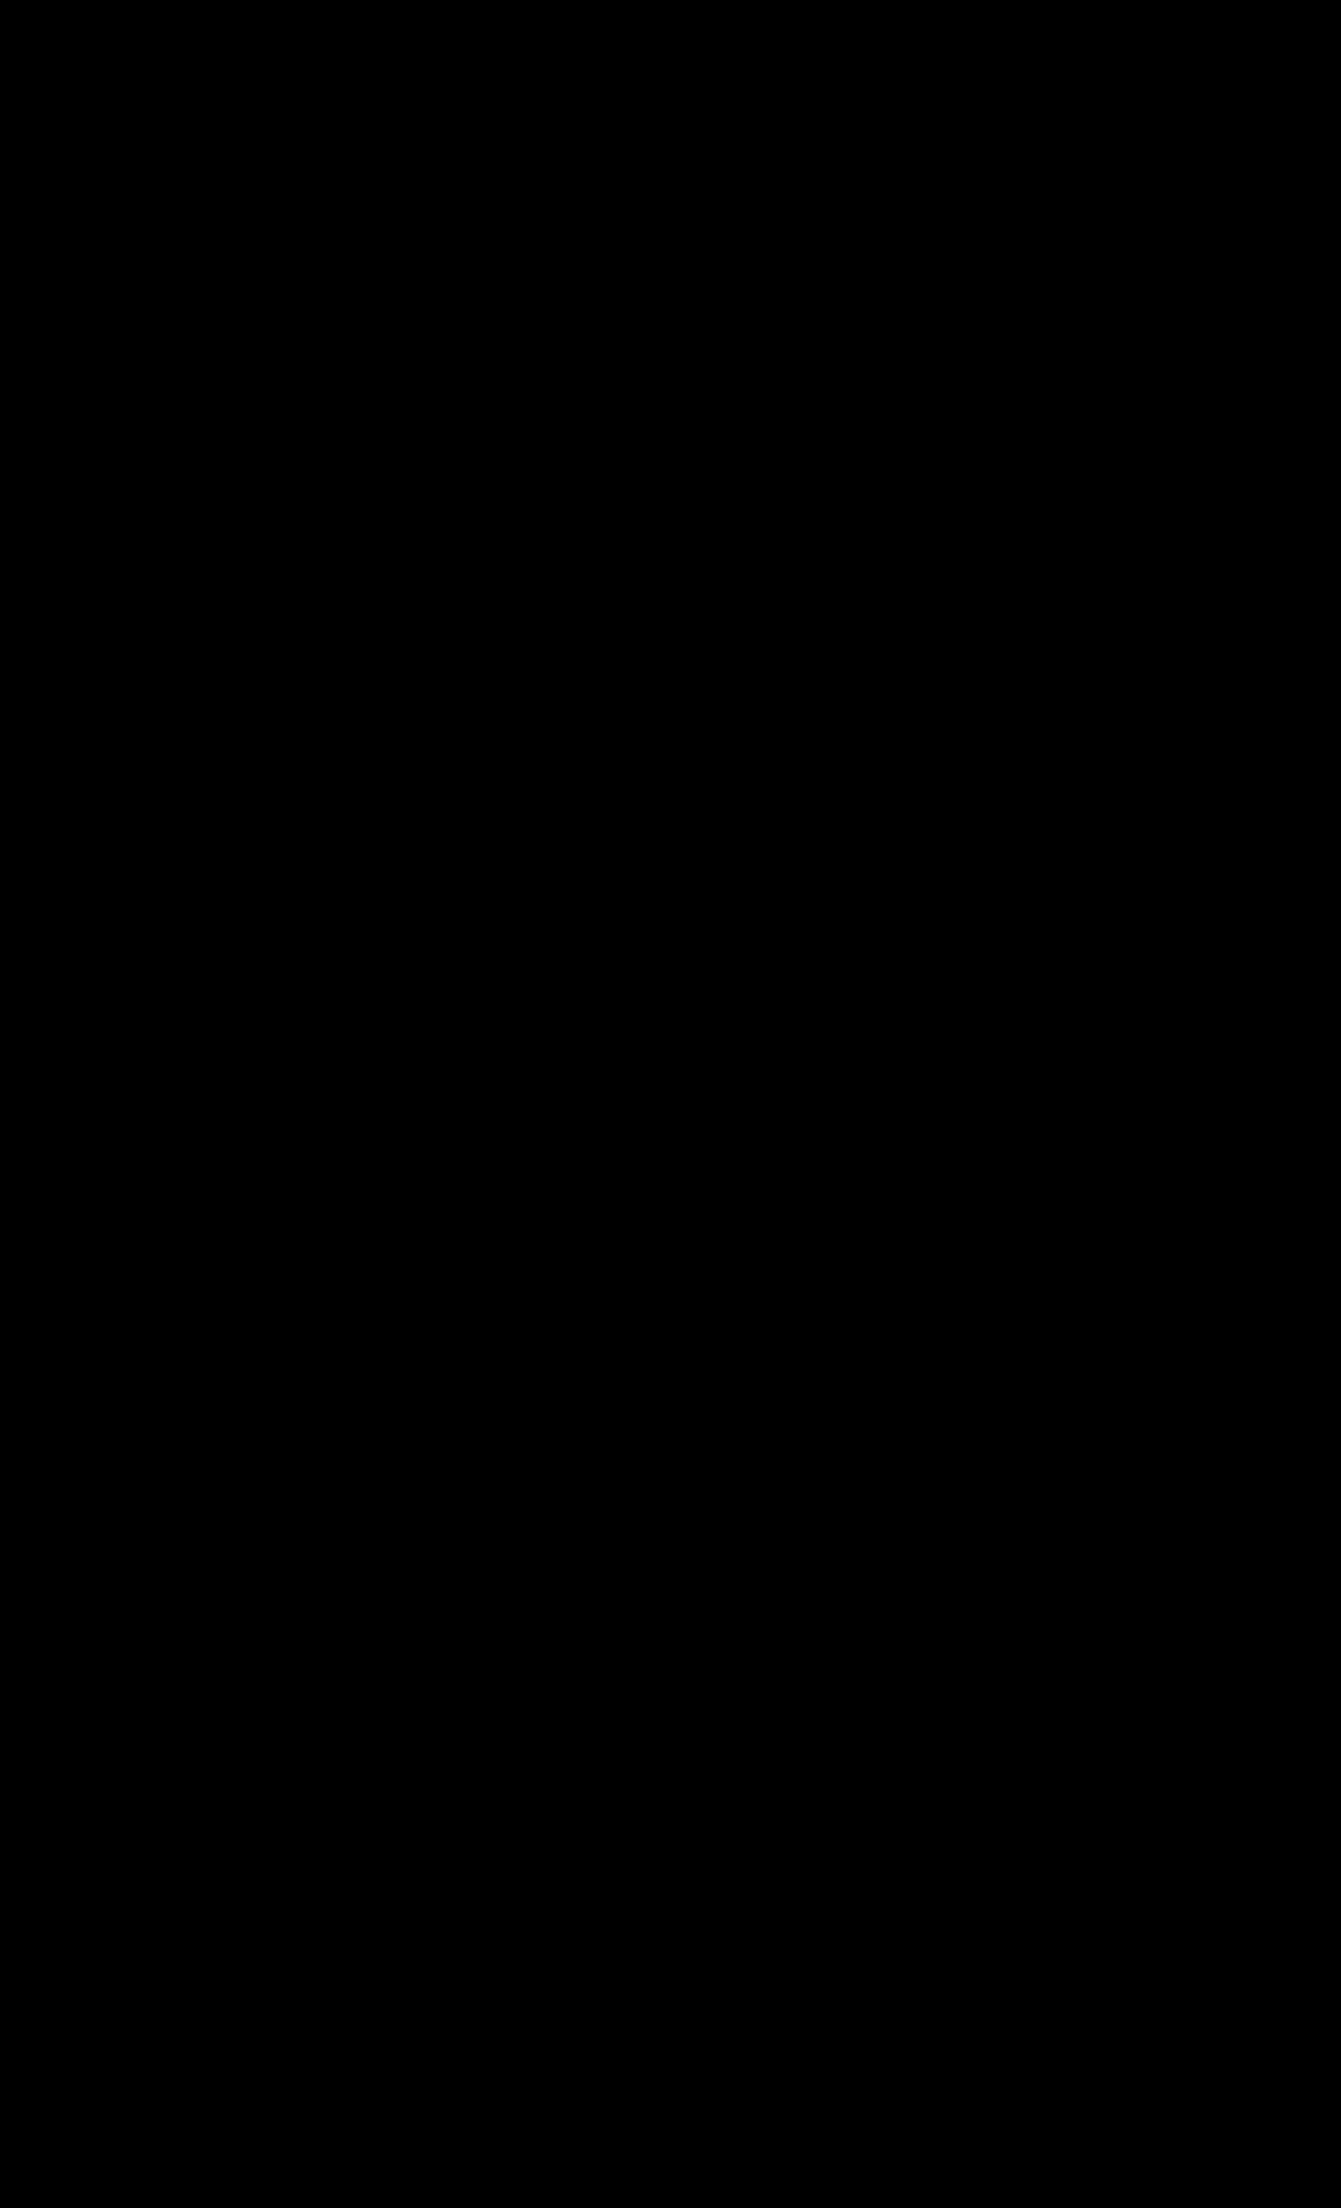 bobome logo